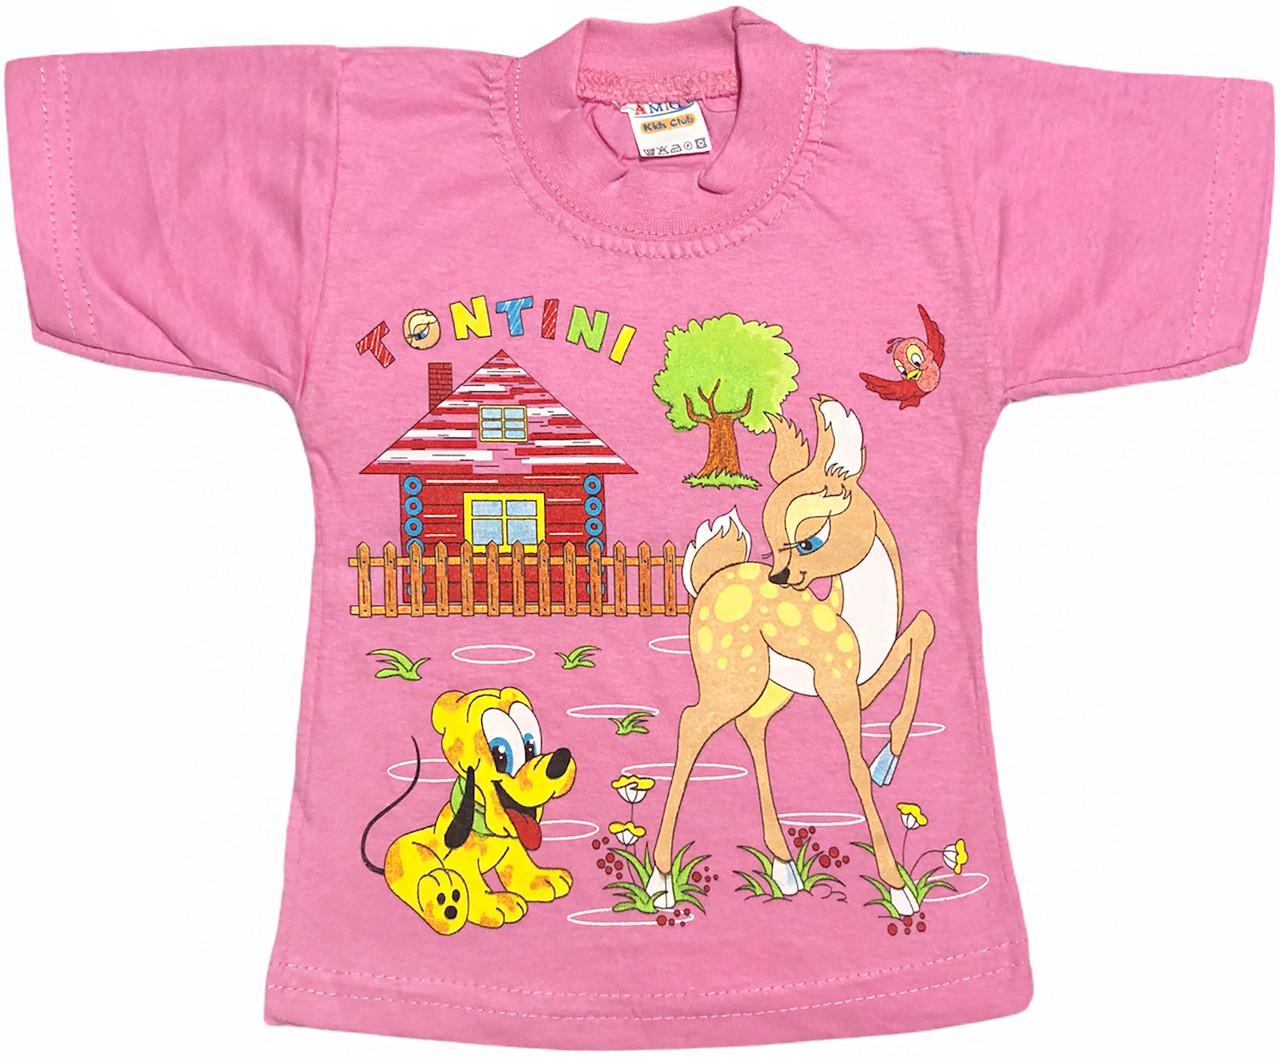 Детская футболка на девочку рост 74 6-9 мес для новорожденных малышей с принтом красивая трикотажная розовая